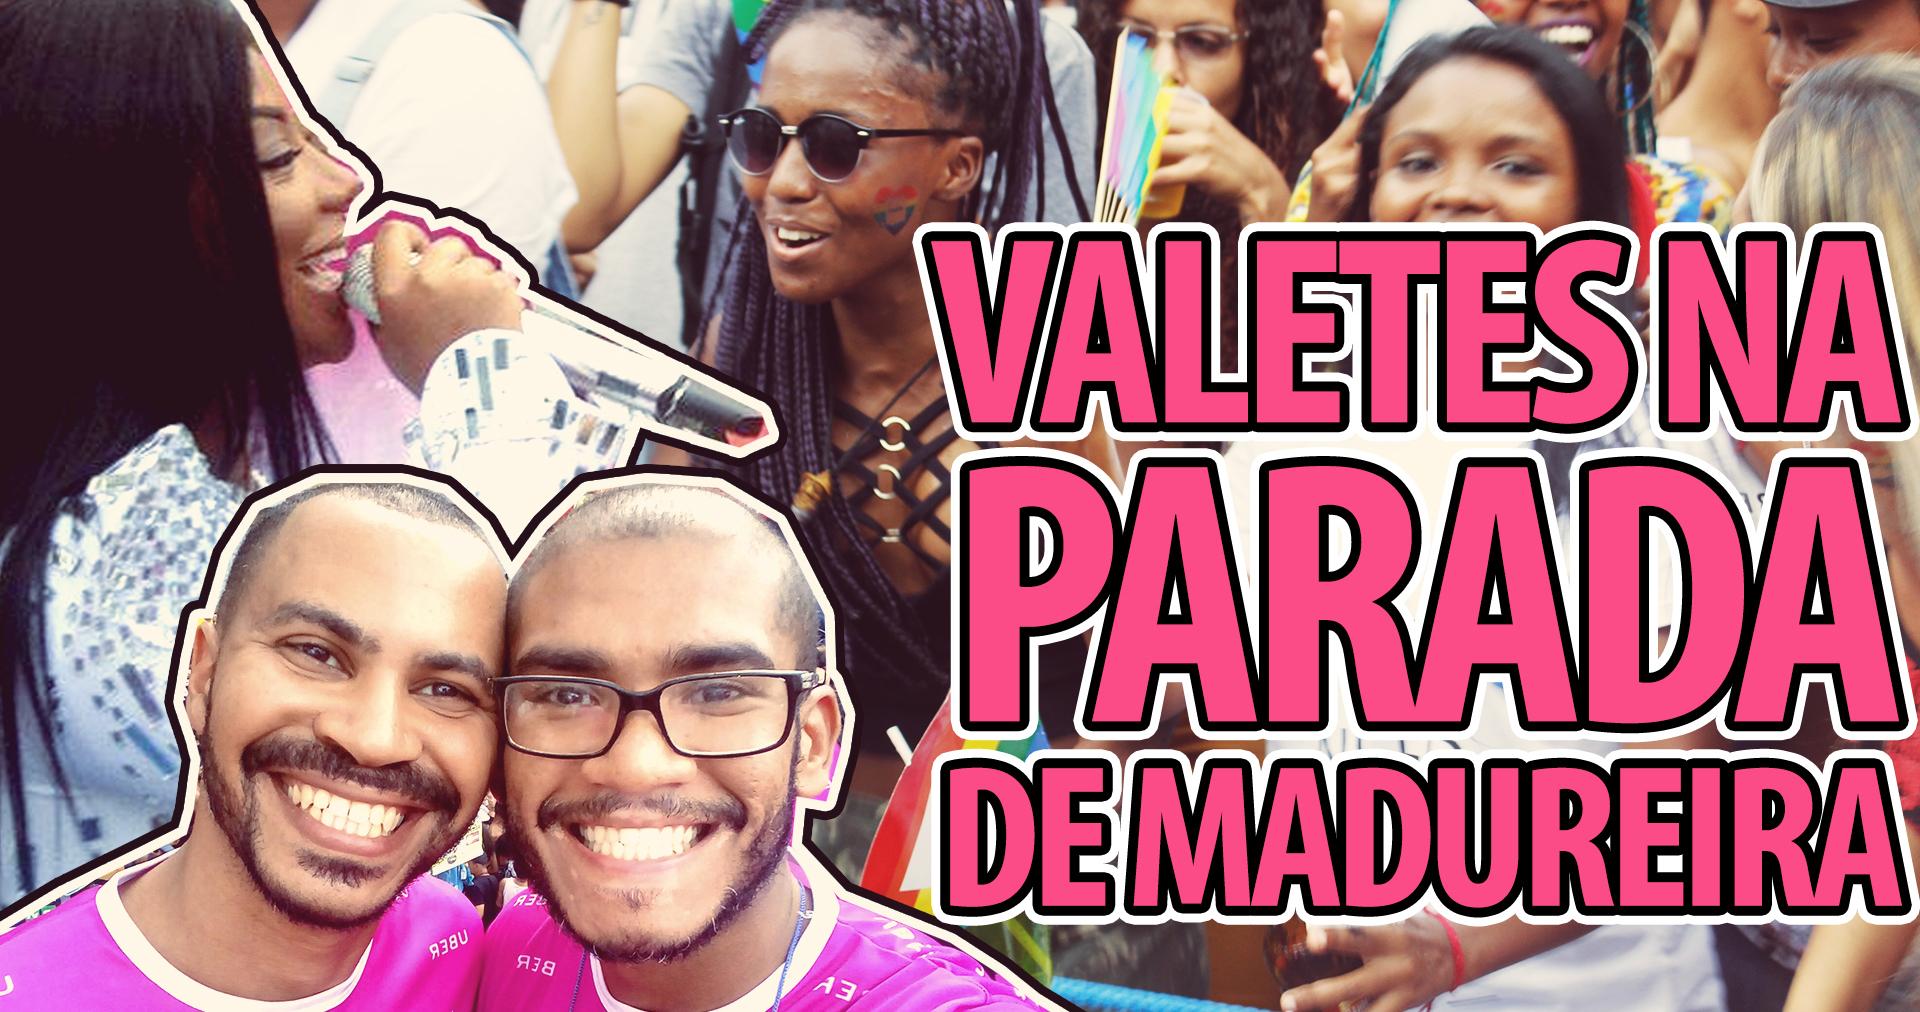 Madureira bombou com a parada LGBT e os Valetes mostram tudo (vídeo)